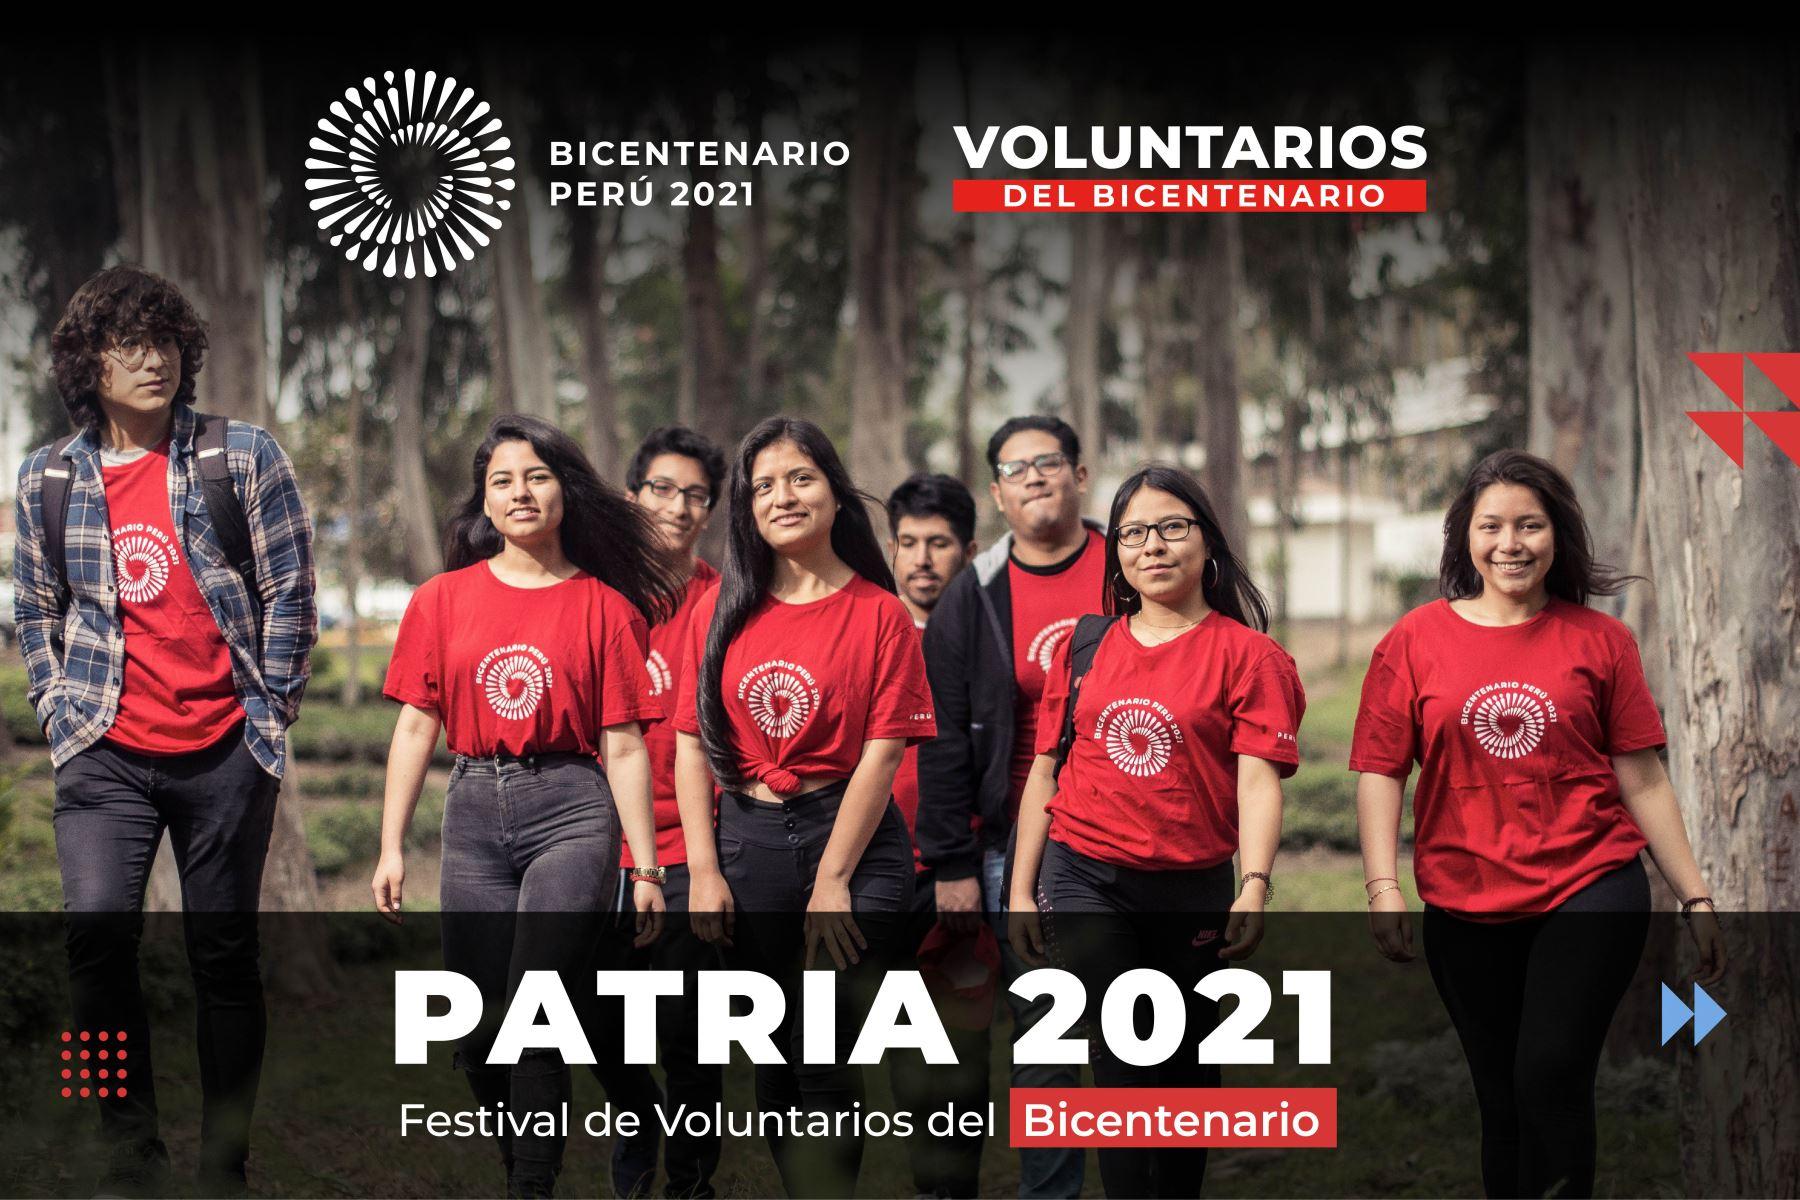 Patria, el festival peruano más grande de voluntarios del Bicentenario, vuelve mañana